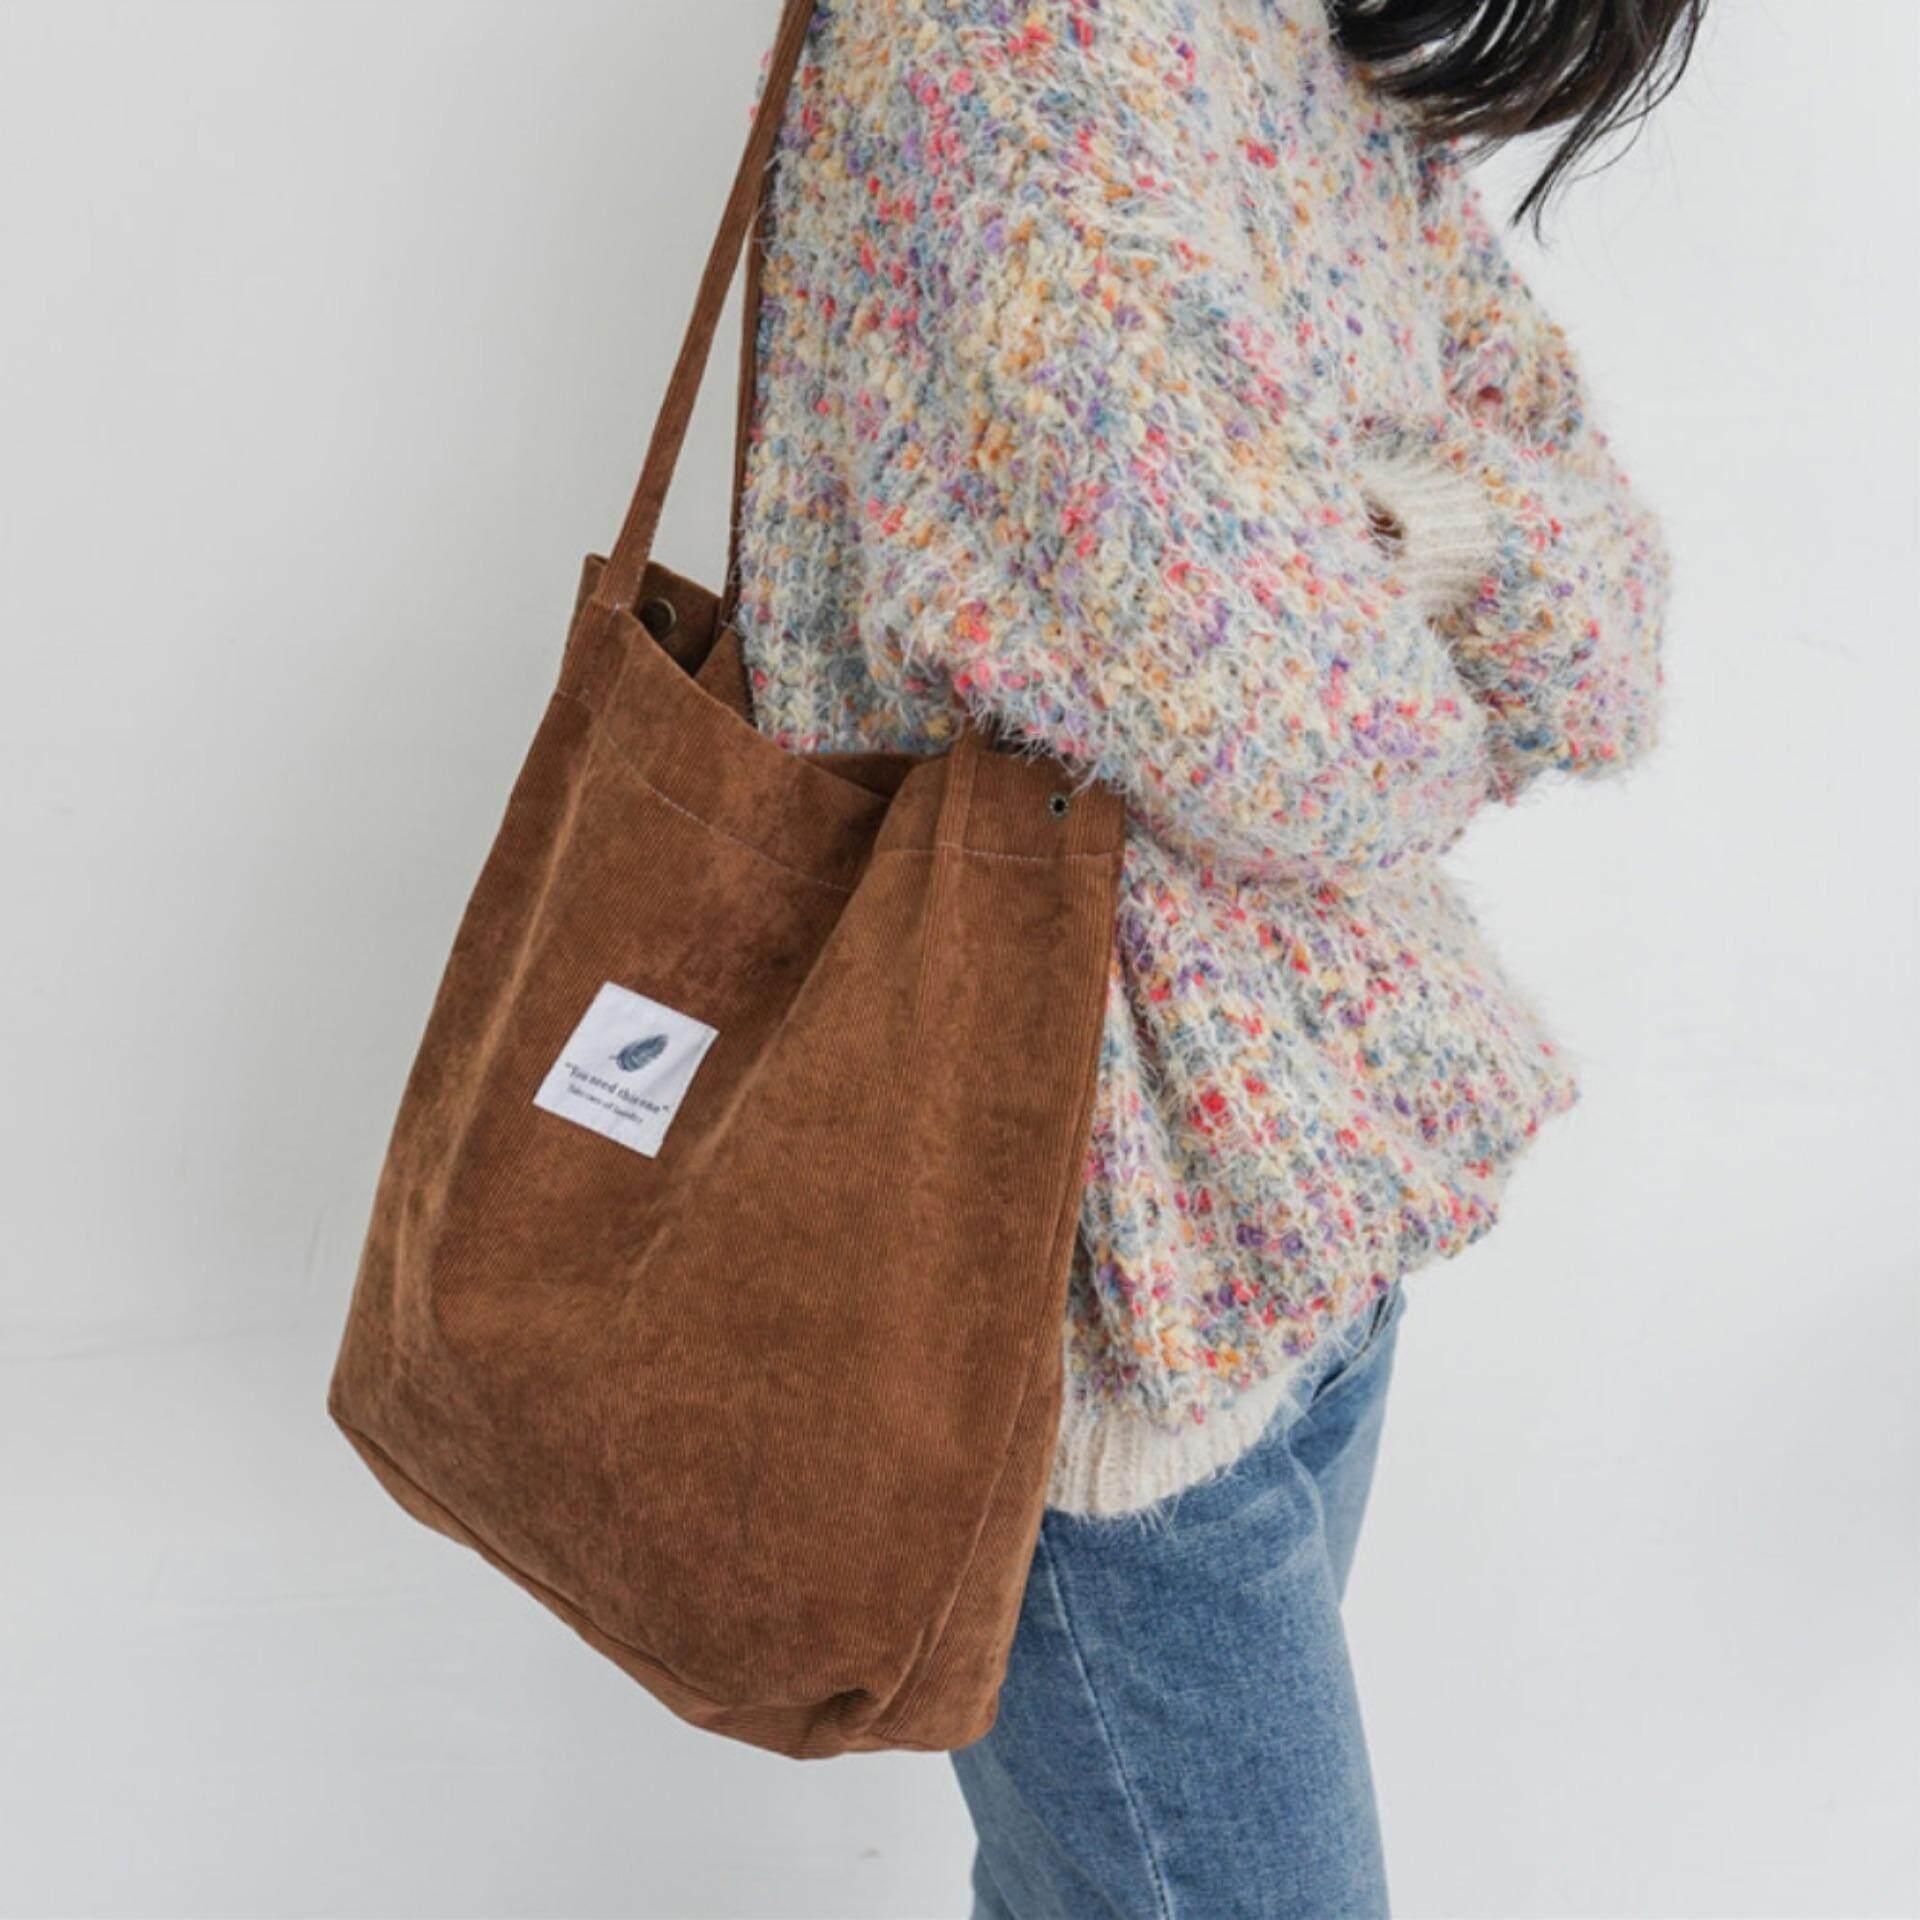 กระเป๋าเป้สะพายหลัง นักเรียน ผู้หญิง วัยรุ่น พัทลุง Lavelle การออกแบบเกาหลี คุณภาพระดับพรีเมียม แคนวาส แฟชั่นกระเป๋าสะพายไหล่  T134